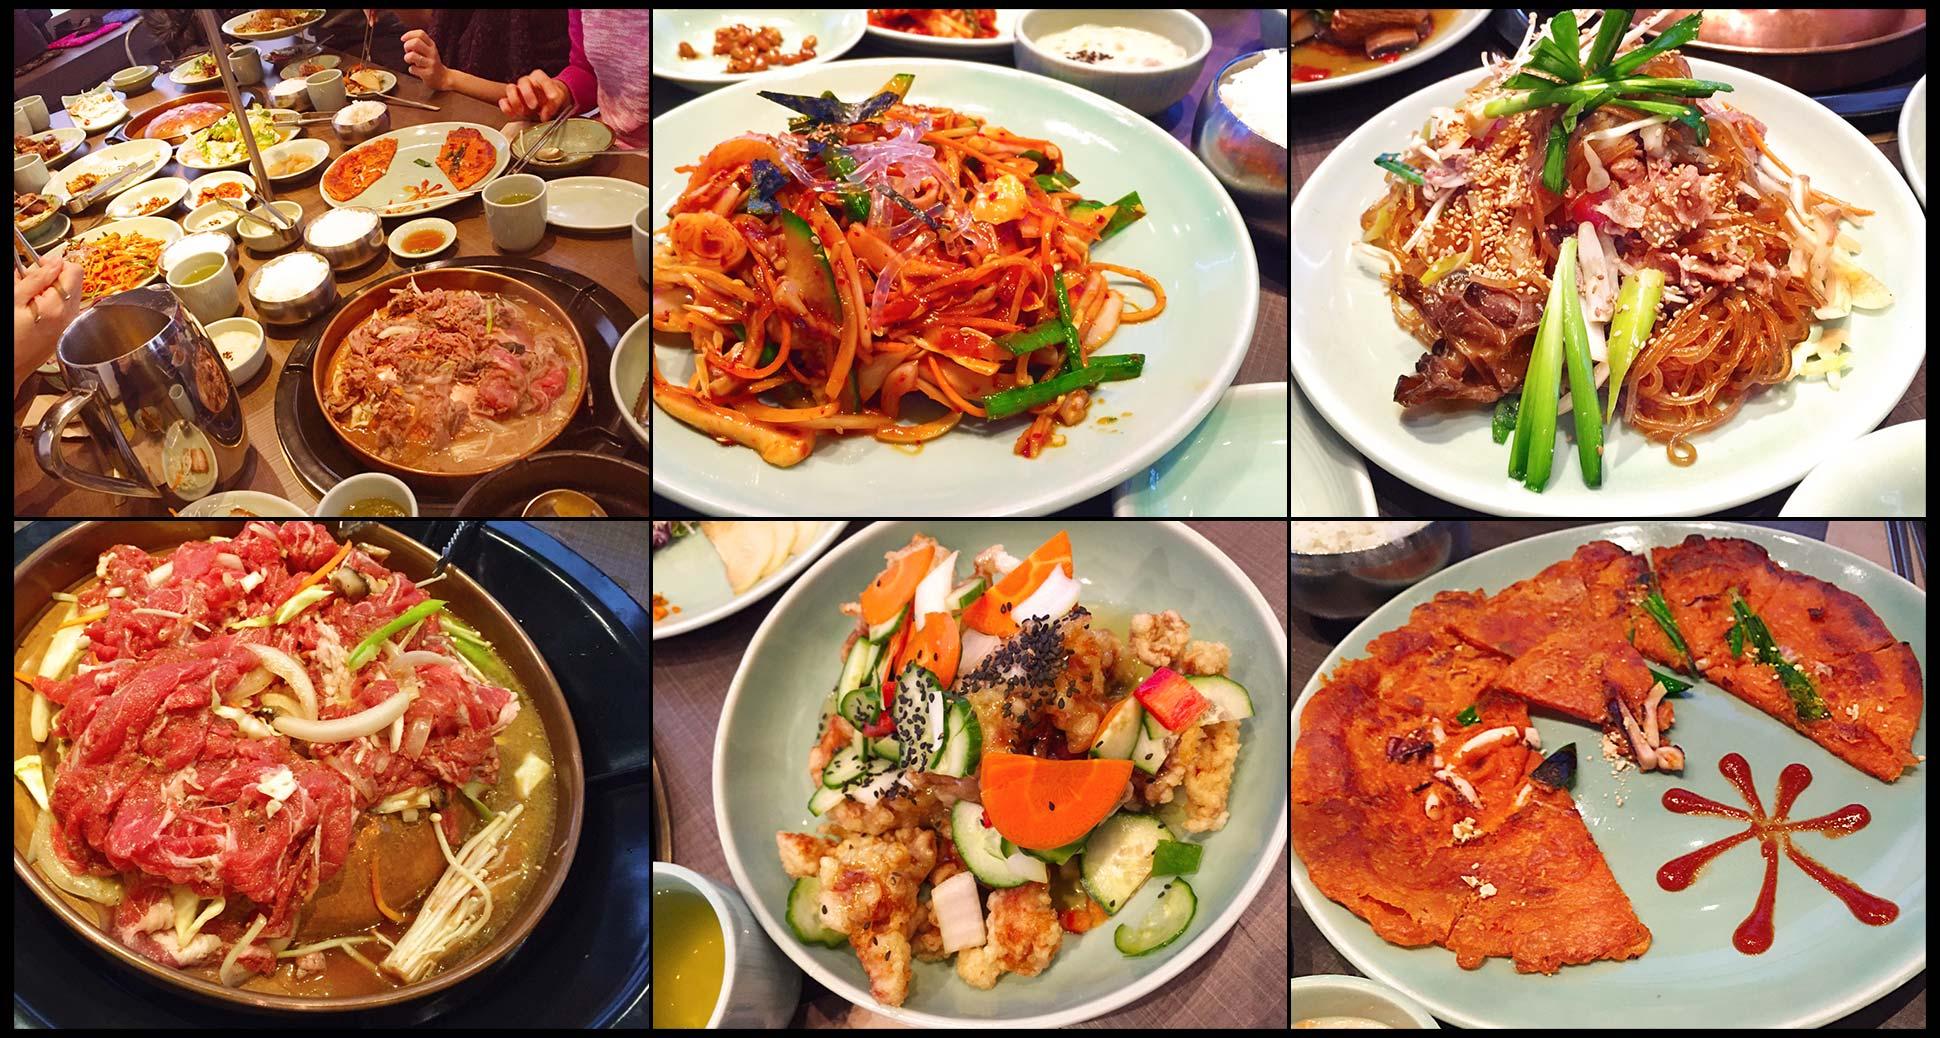 Lunch at Sura korean bbq richmond